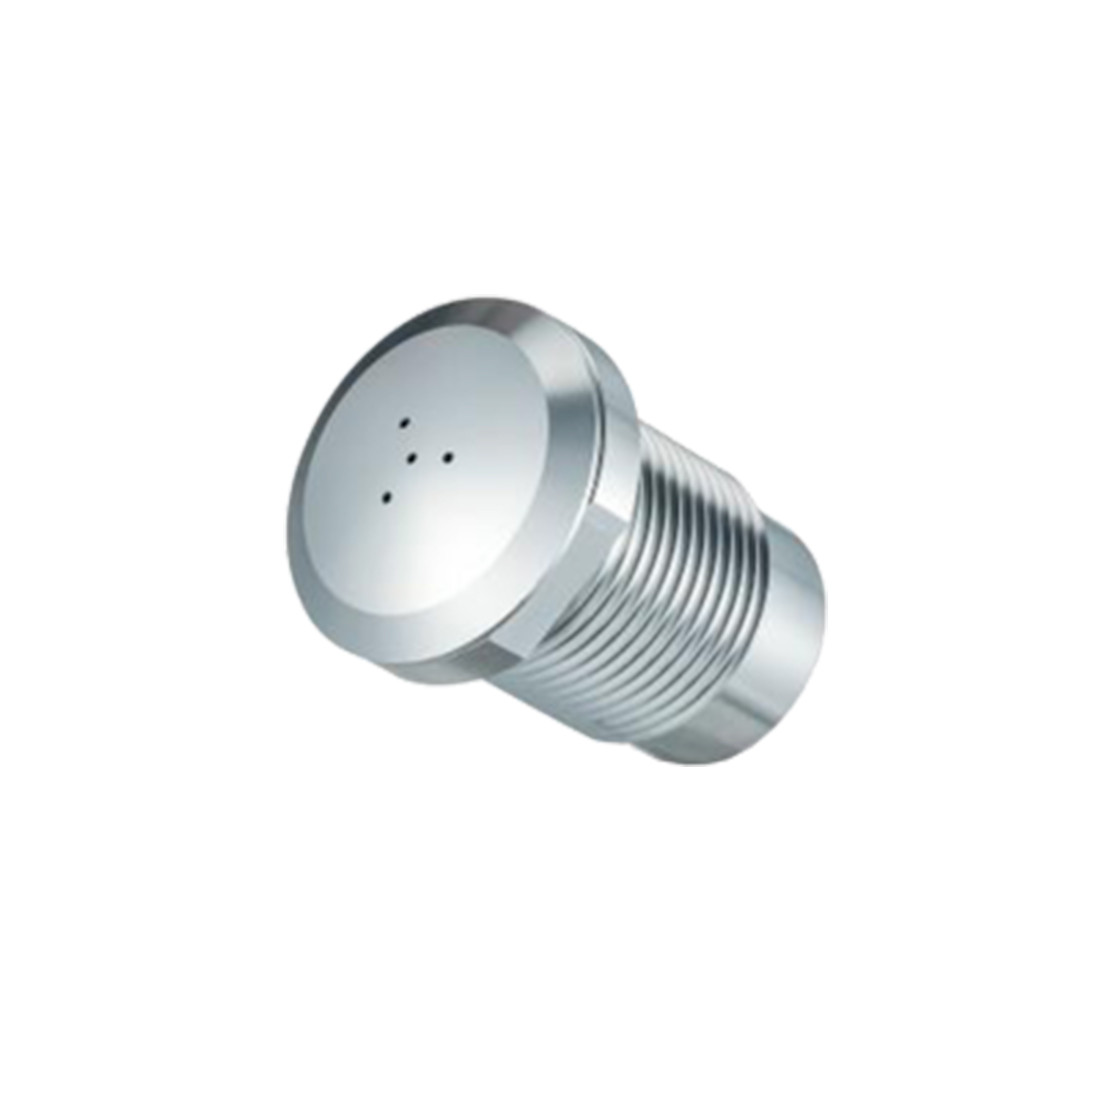 Dahua DH-HAP120-V Микрофон Усиление 44dB, Чувствительность -43dB, IP66